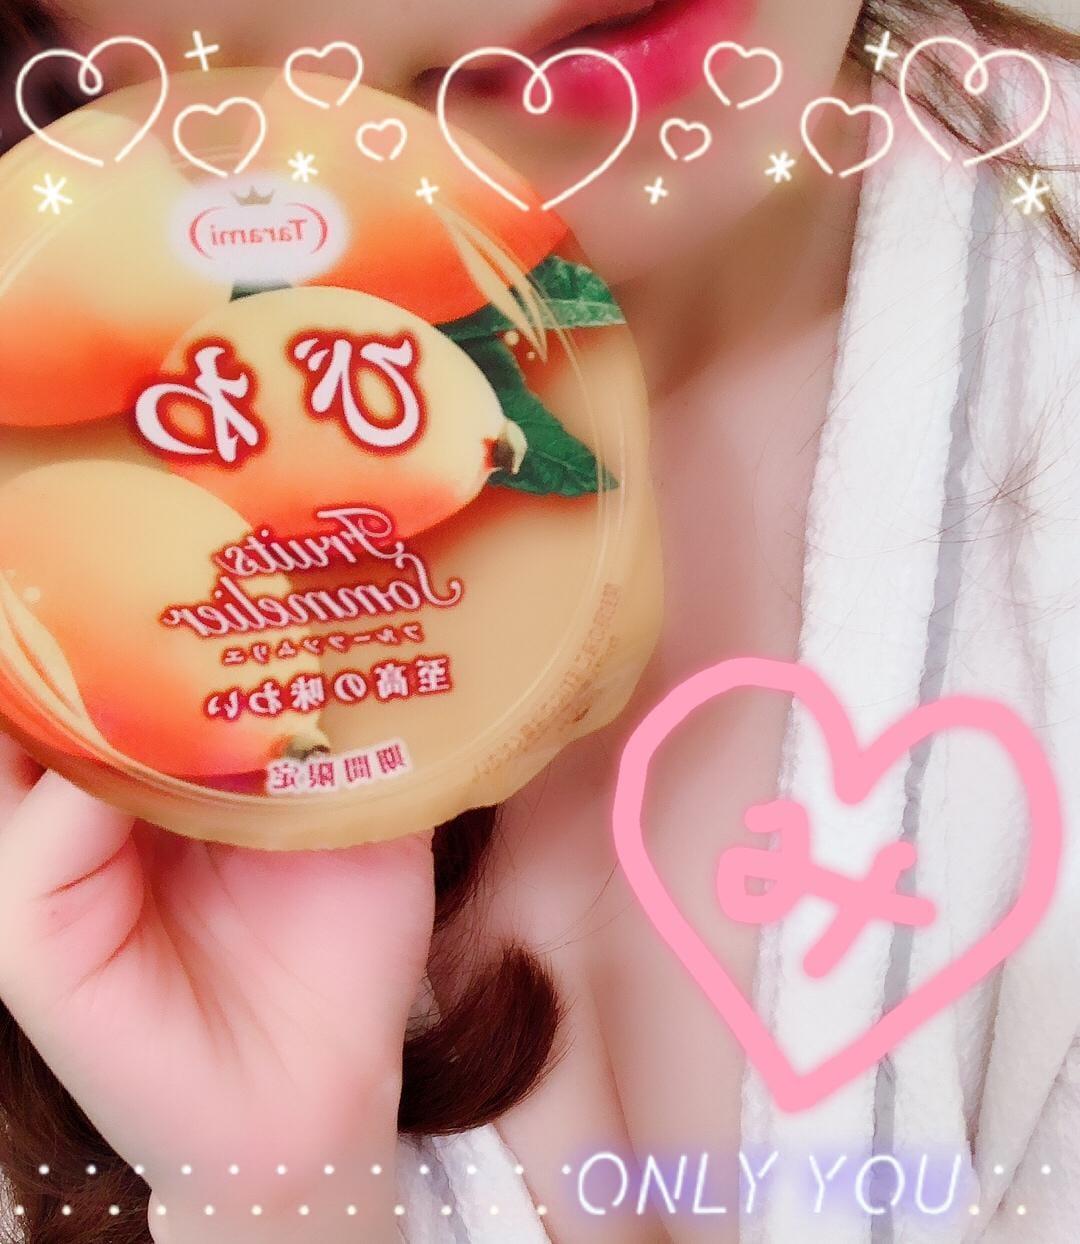 みなみ「みなみ」05/26(土) 01:19   みなみの写メ・風俗動画